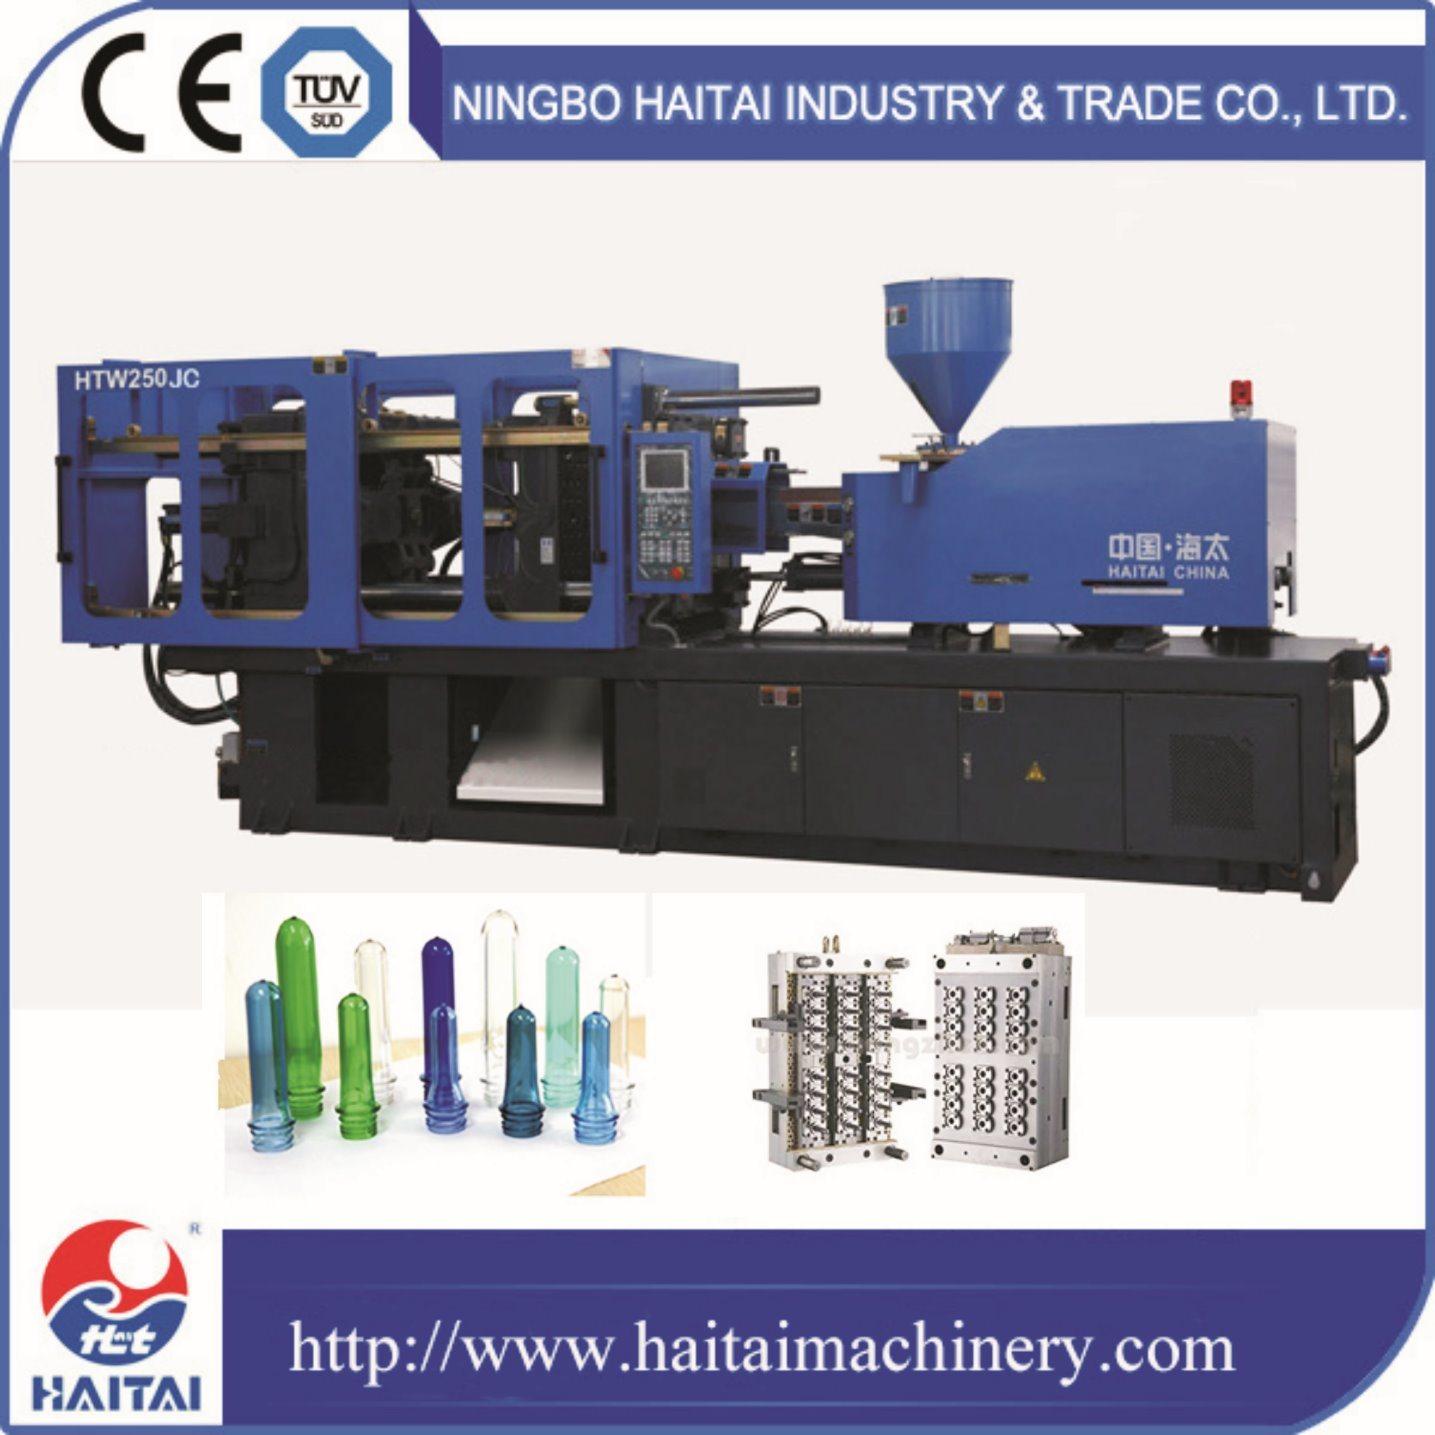 Htw250ПЭТ наиболее востребованных продуктов Professional преформ ПЭТ машины литьевого формования цена